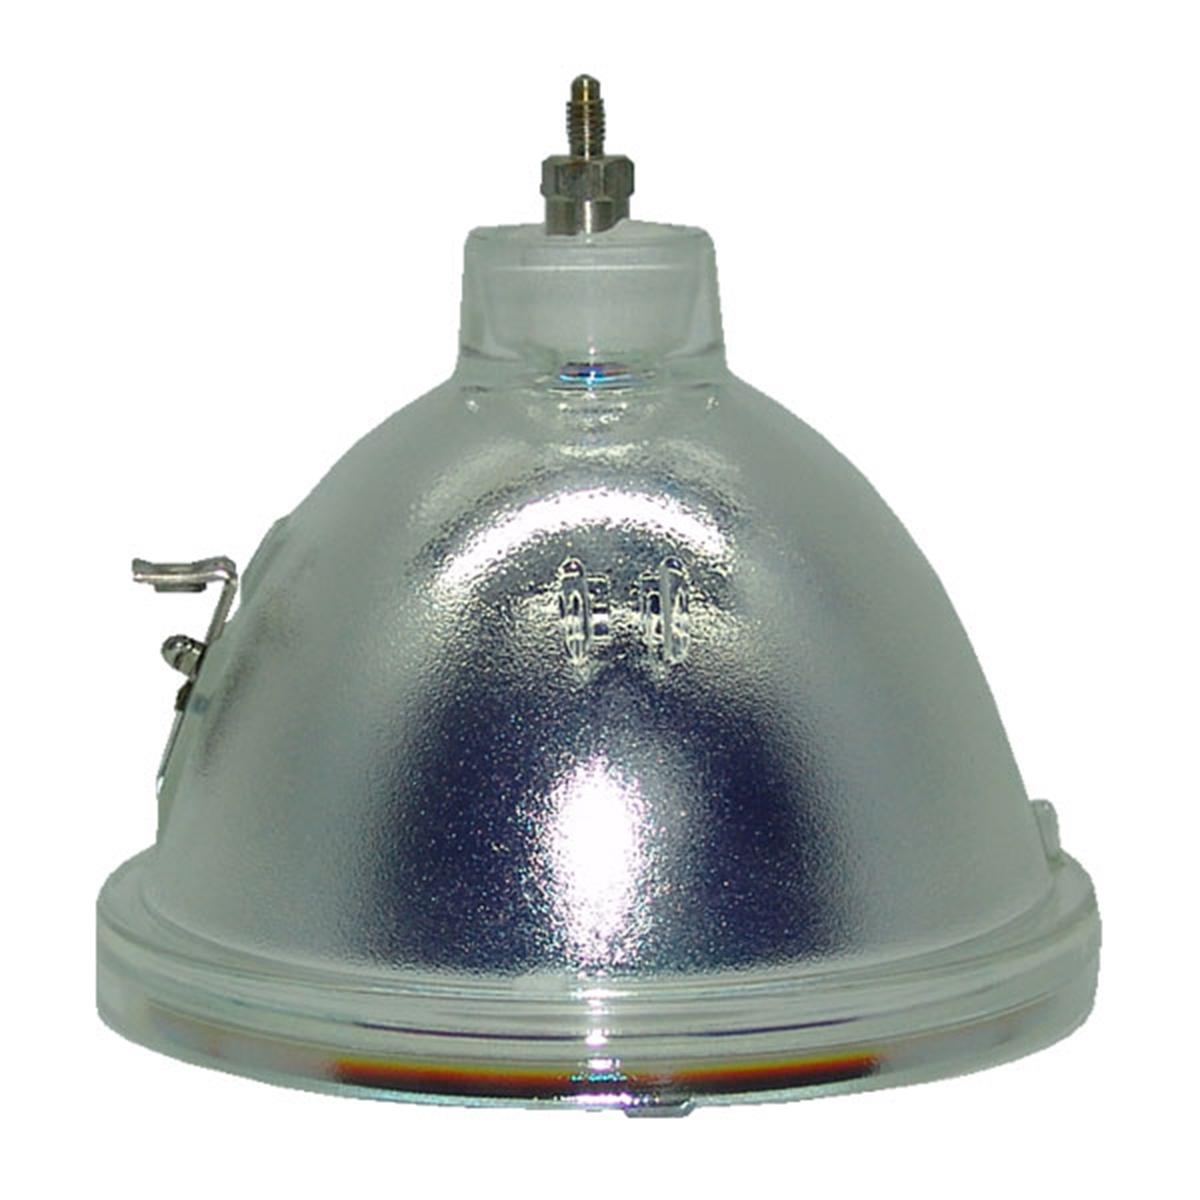 Lampe de rechange Philips originale pour t�l�viseur Viore IPT46DLP30 (ampoule uniquement) - image 4 de 5